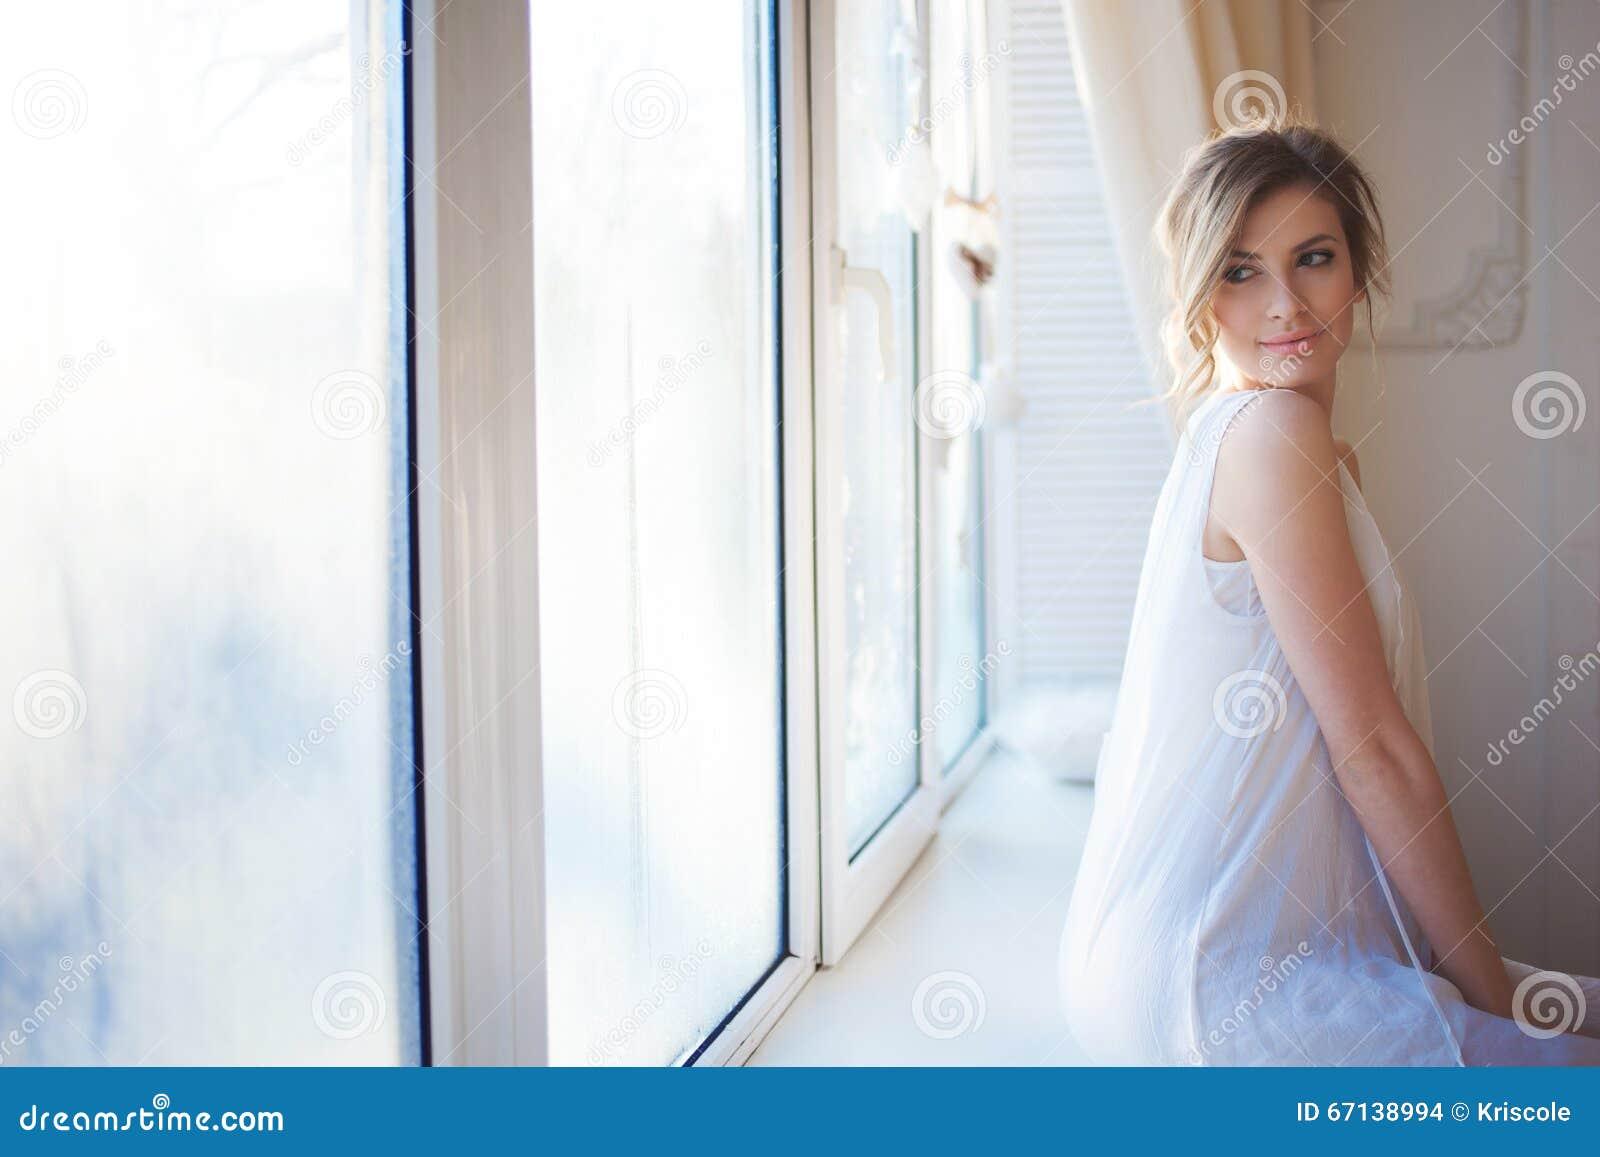 Schönheit mit neuem täglichem Make-up und romantischen gewellten der Frisur, sitzend am Fensterbrett